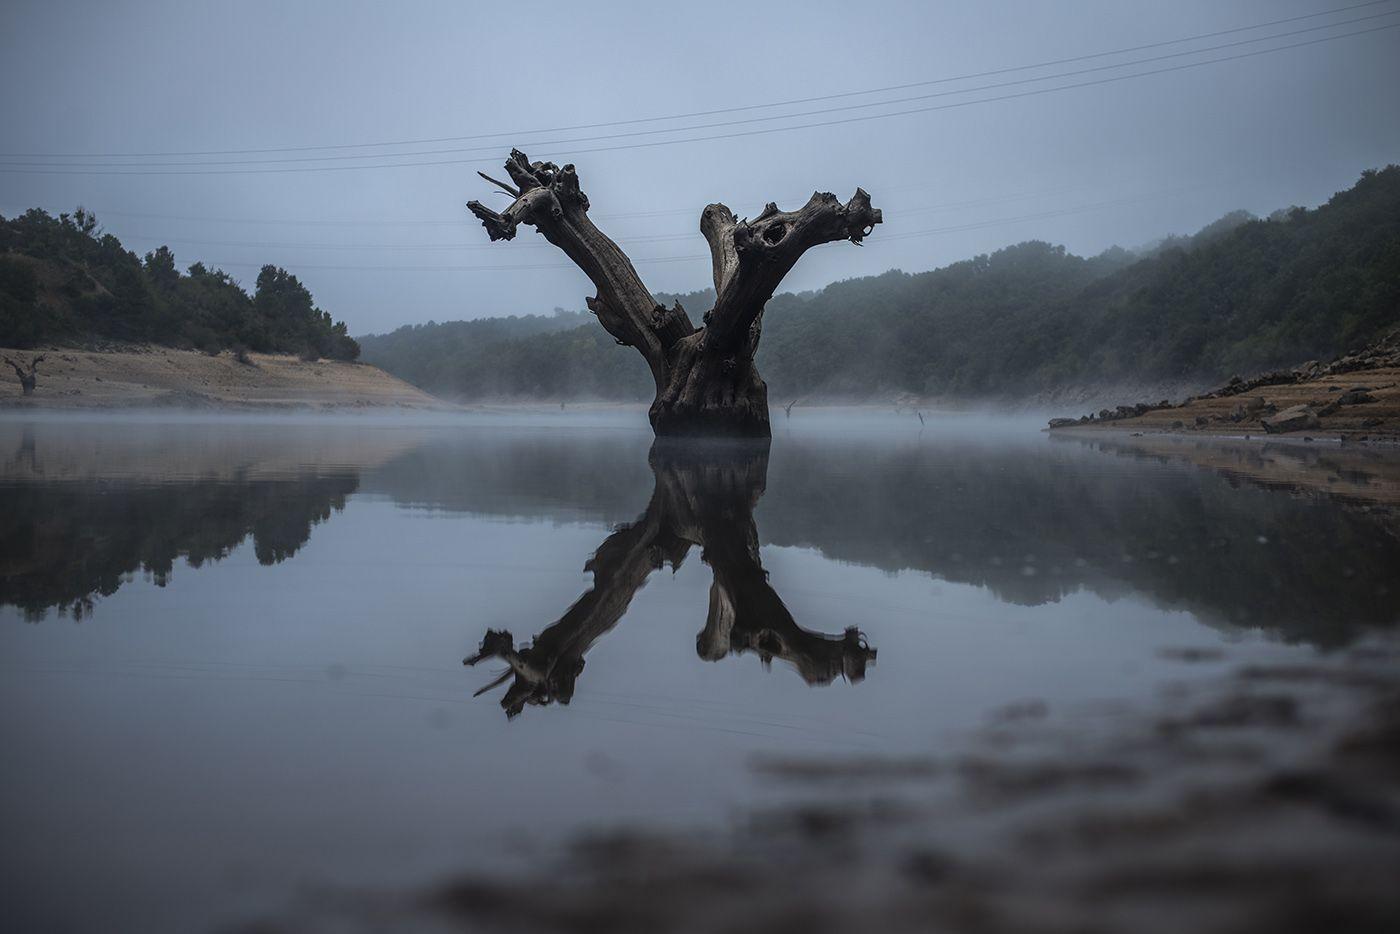 El tronco de un árbol emerge de la presa de O Bao tras la bajada de nivel.  BRAIS LORENZO.jpg